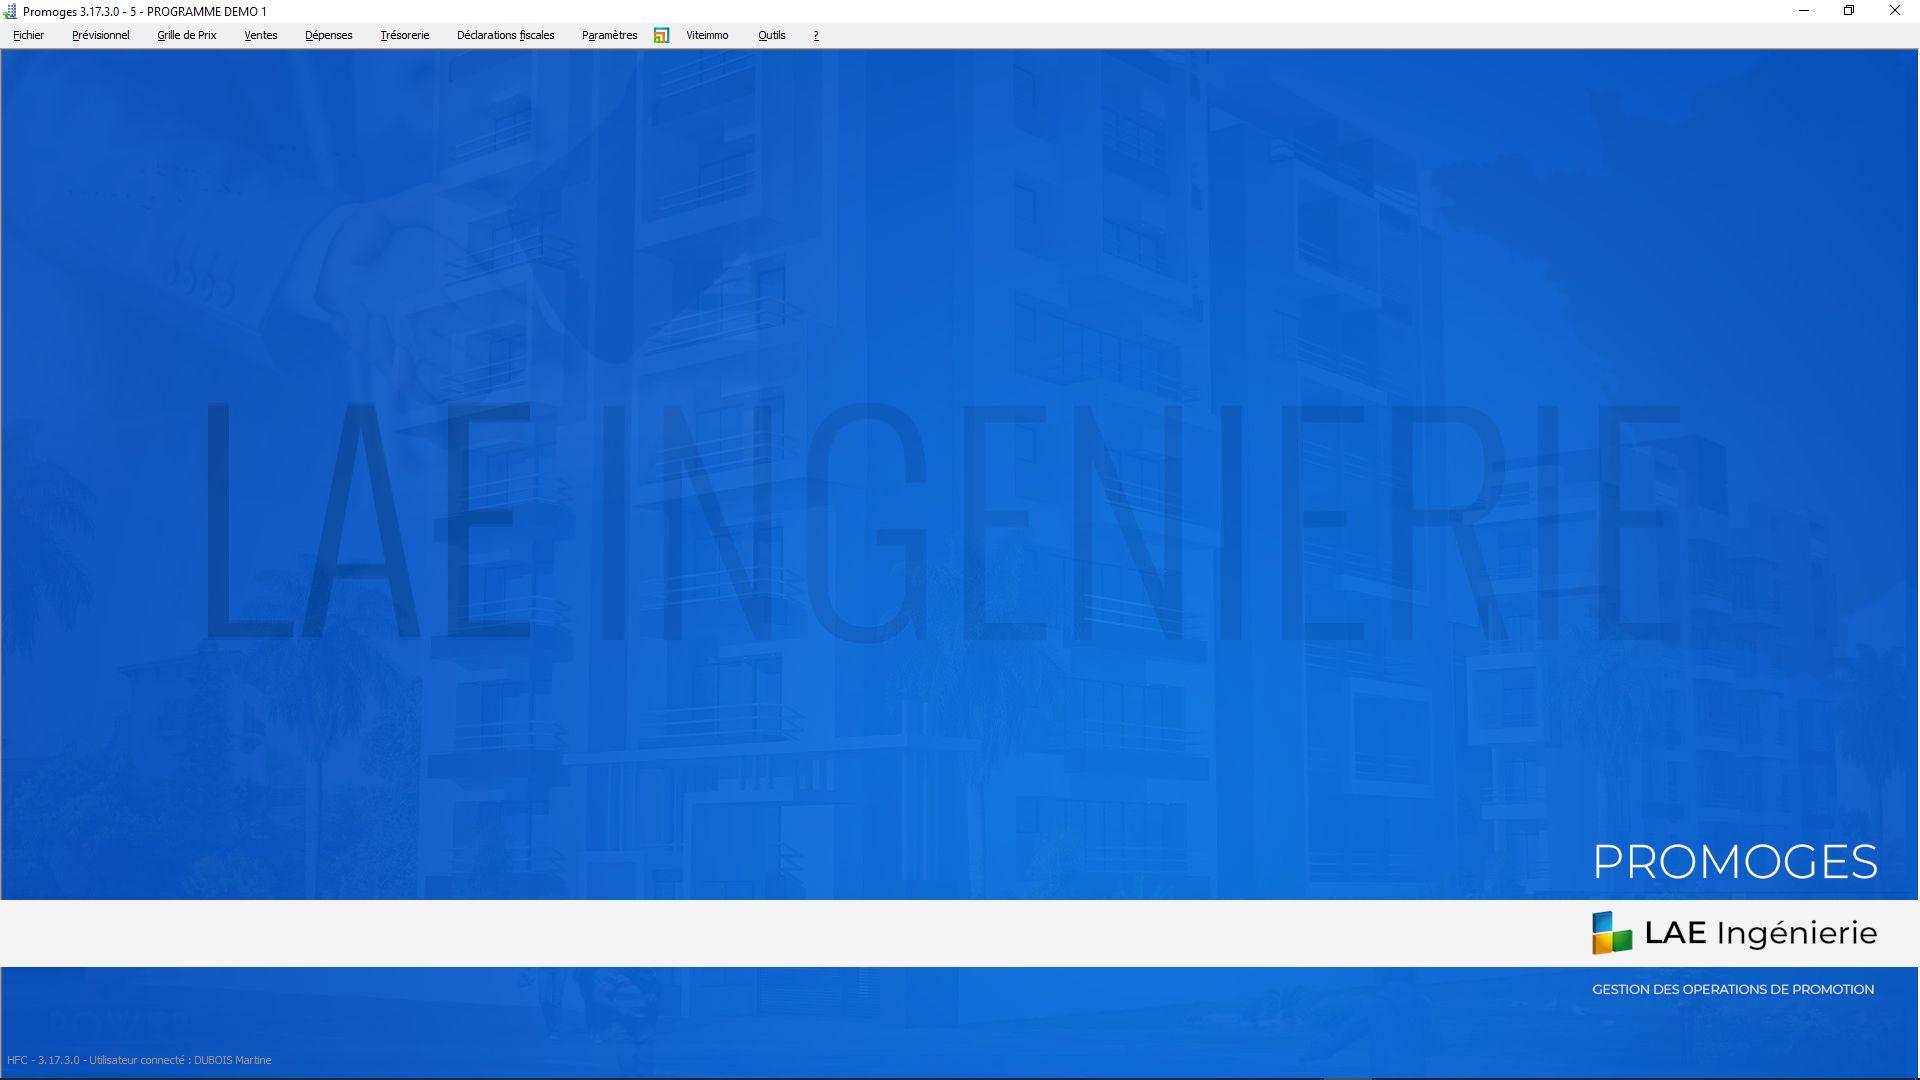 Capture d'écran PROMOGES V 3.19